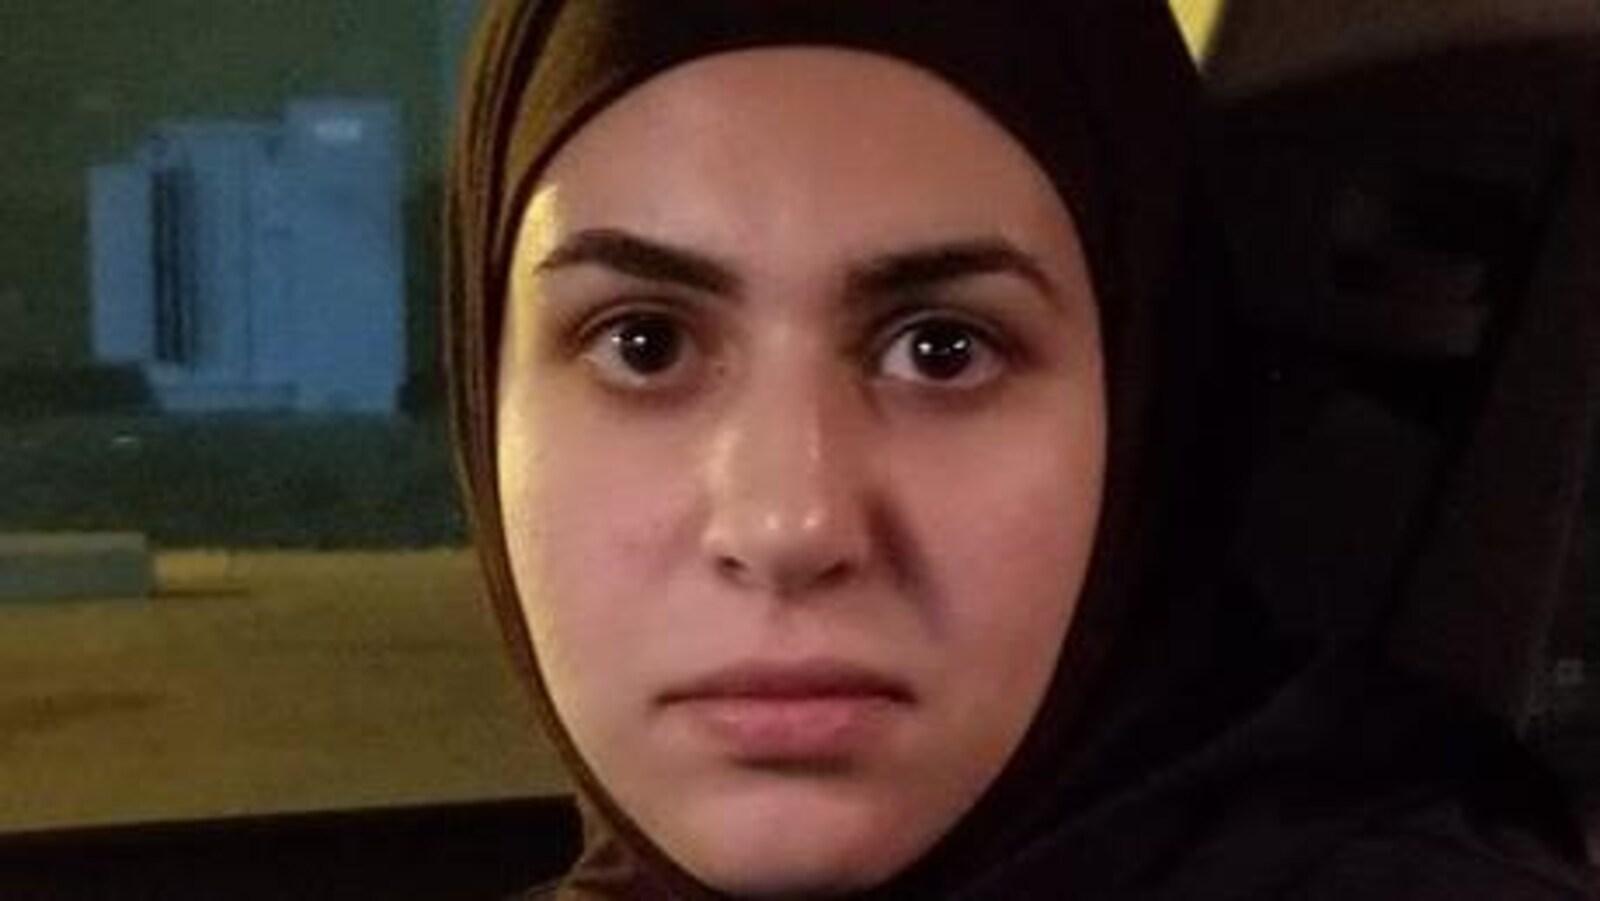 Gros plan sur le visage de Nadia Atwi, une femme qui a été vue pour la dernière fois le 8 décembre dernier dans le nord d'Edmonton.